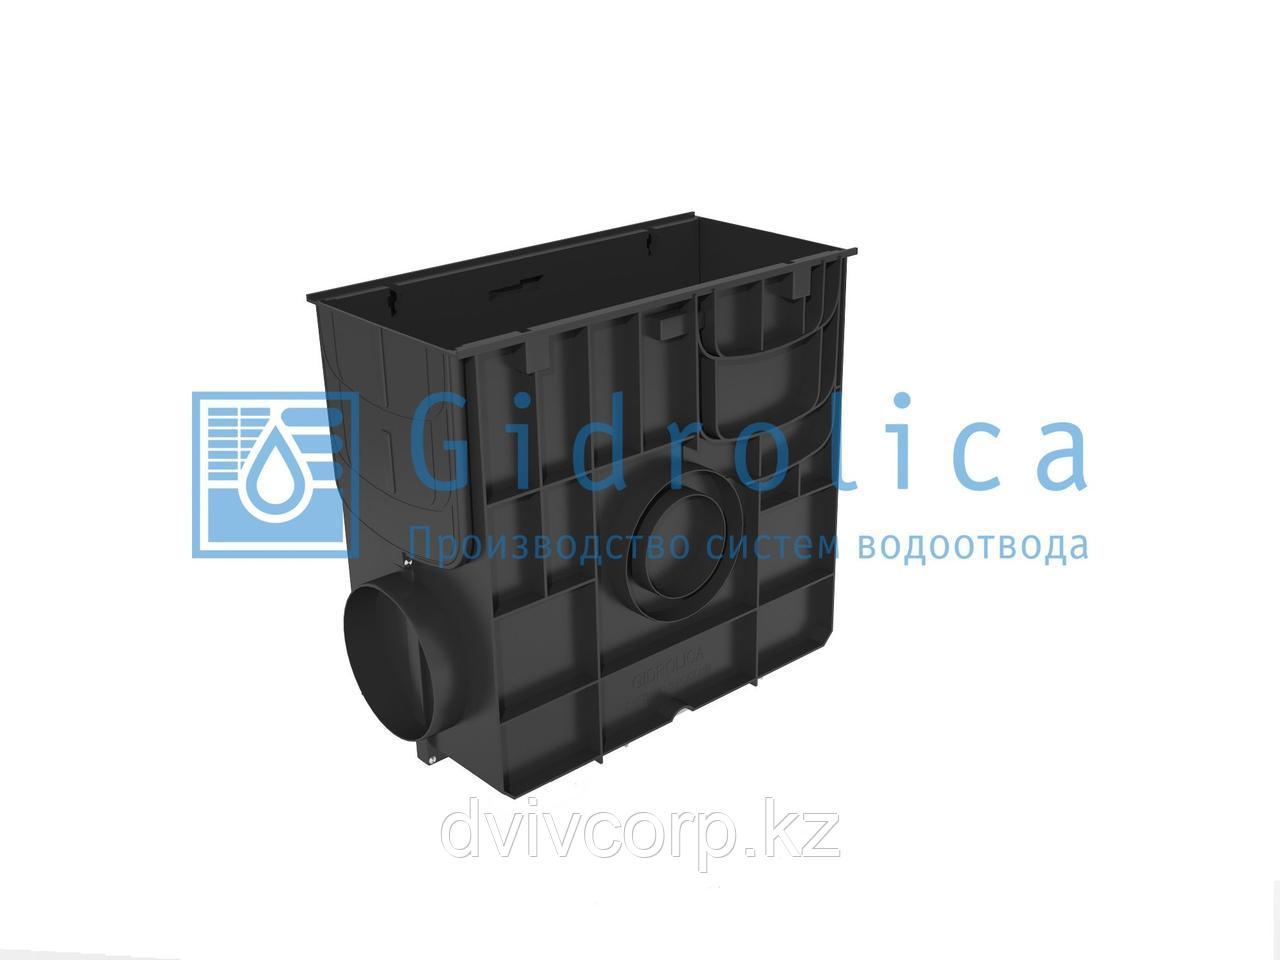 Пескоуловитель Gidrolica Standart ПУ-20.24,6.46 - пластиковый универсальный для лотков пластиковых DN150 и